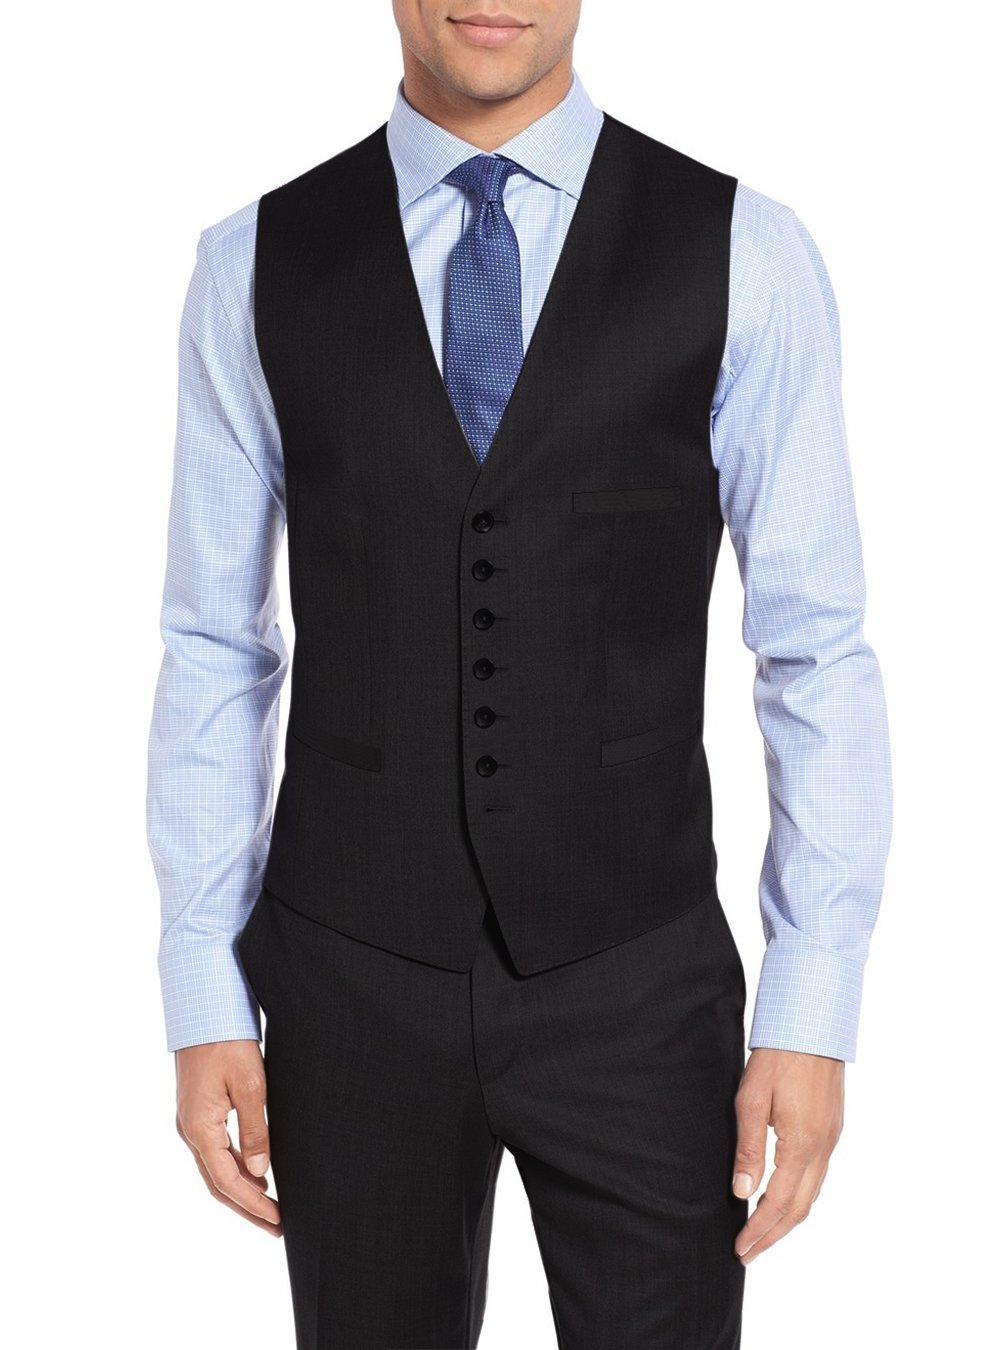 Salvatore Exte Men's 3-piece Suit Set Two Button Blazer Jacket Pants Tux Vest (40 Short US / 50S EU / W 34'', Black) by Salvatore Exte (Image #5)